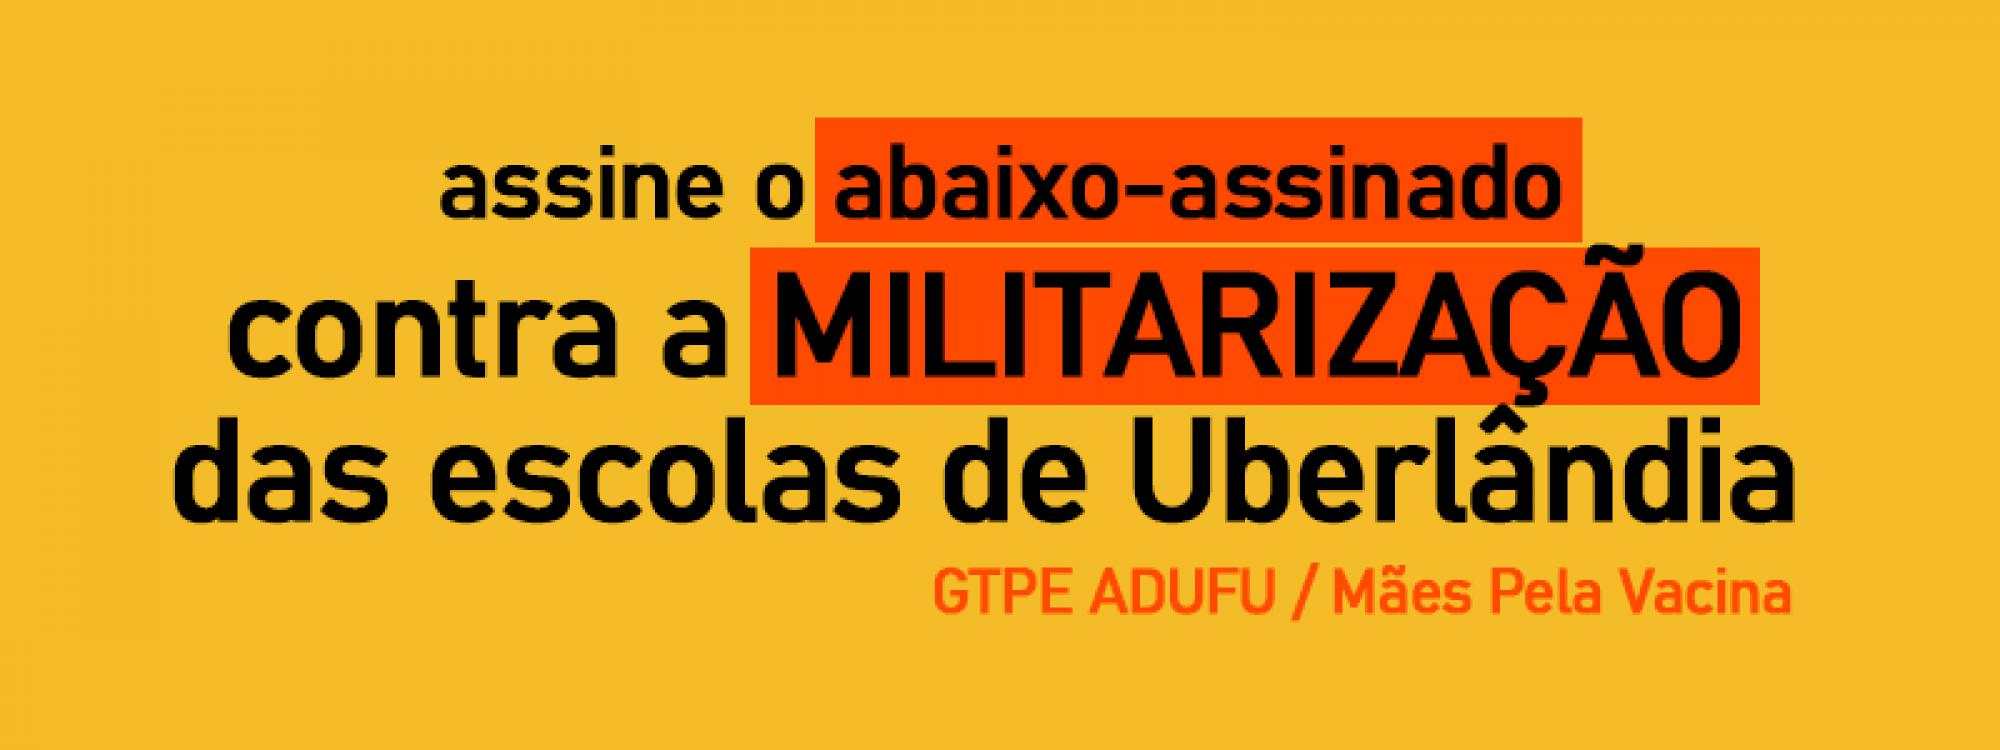 Assine o abaixo-assinado contra a militarização das escolas de Uberlândia